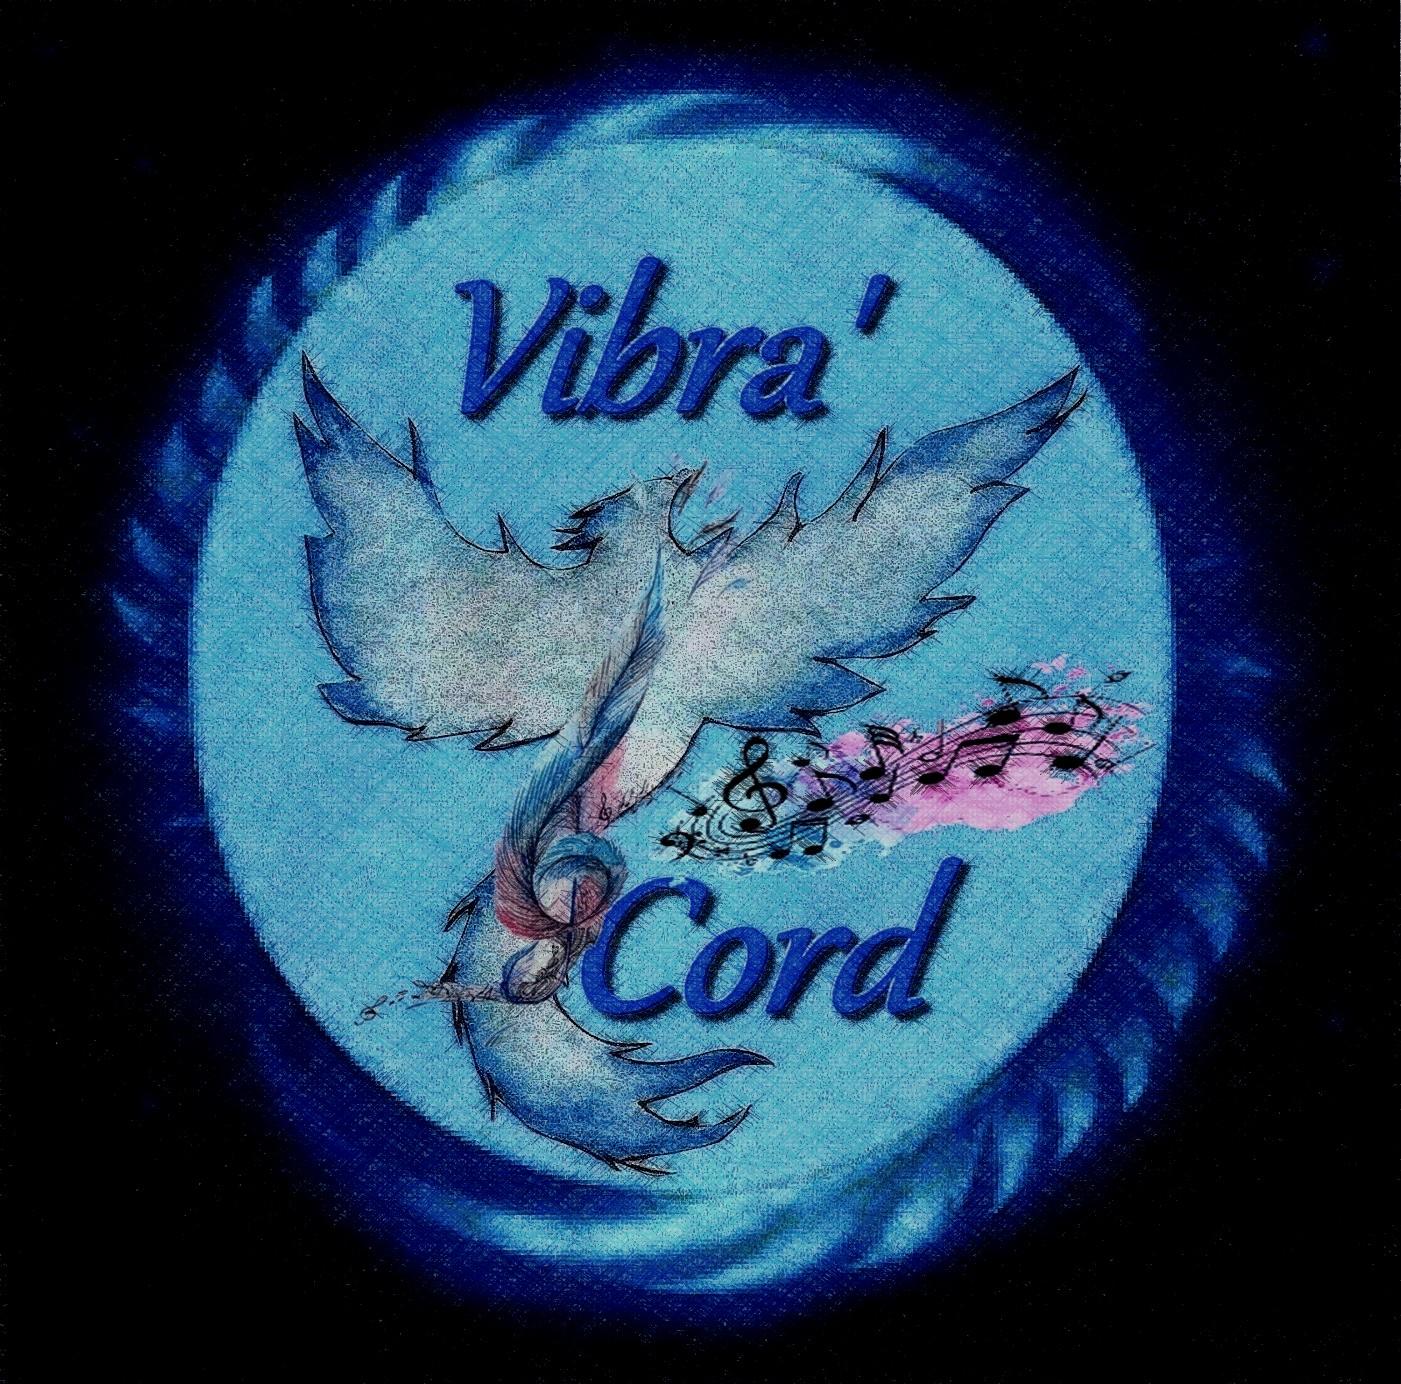 Vibra'Cord